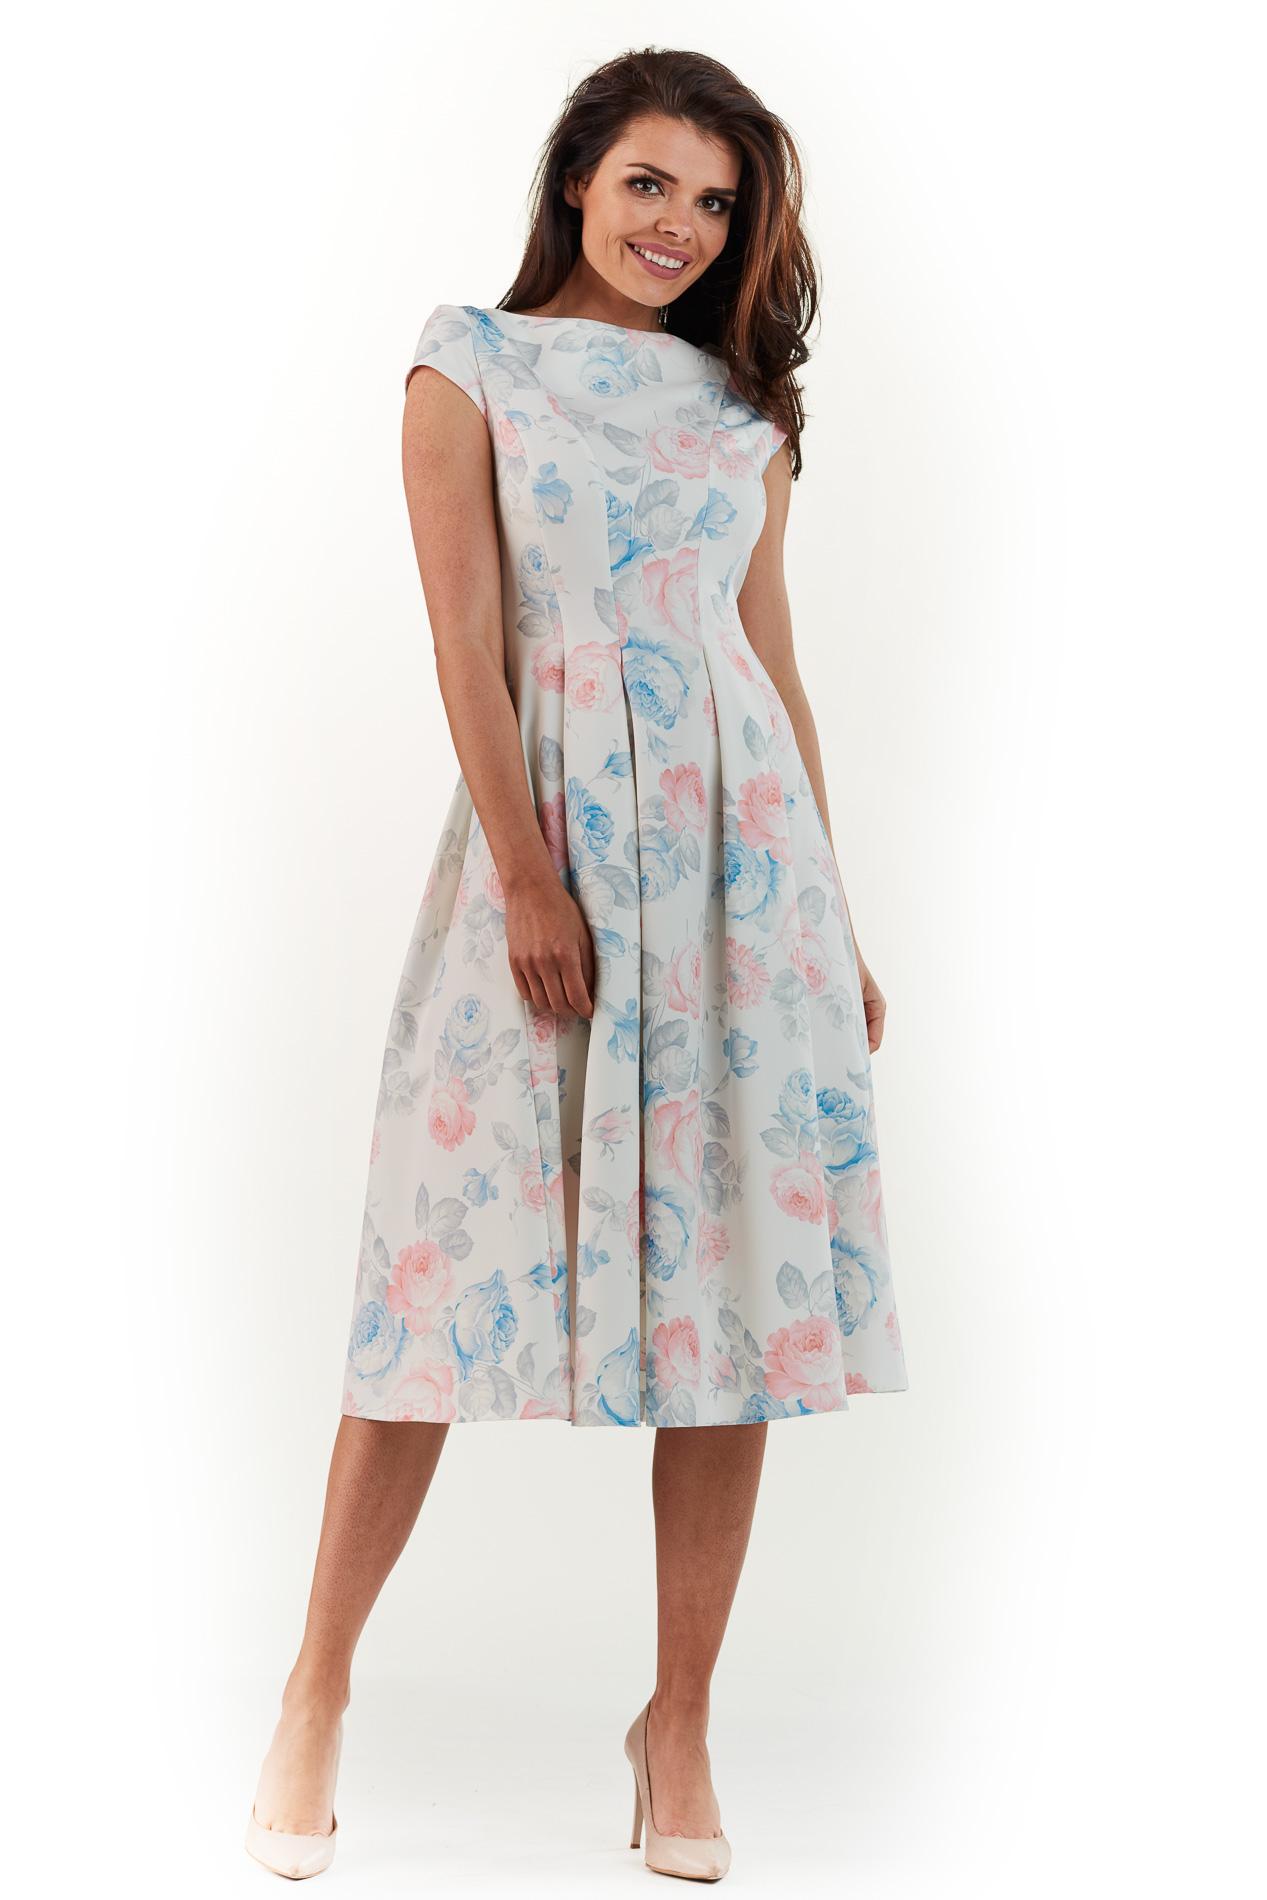 e3dddee69b Sukienka plisowana midi na lato w pastelowe kwiaty - wysyłka od 5